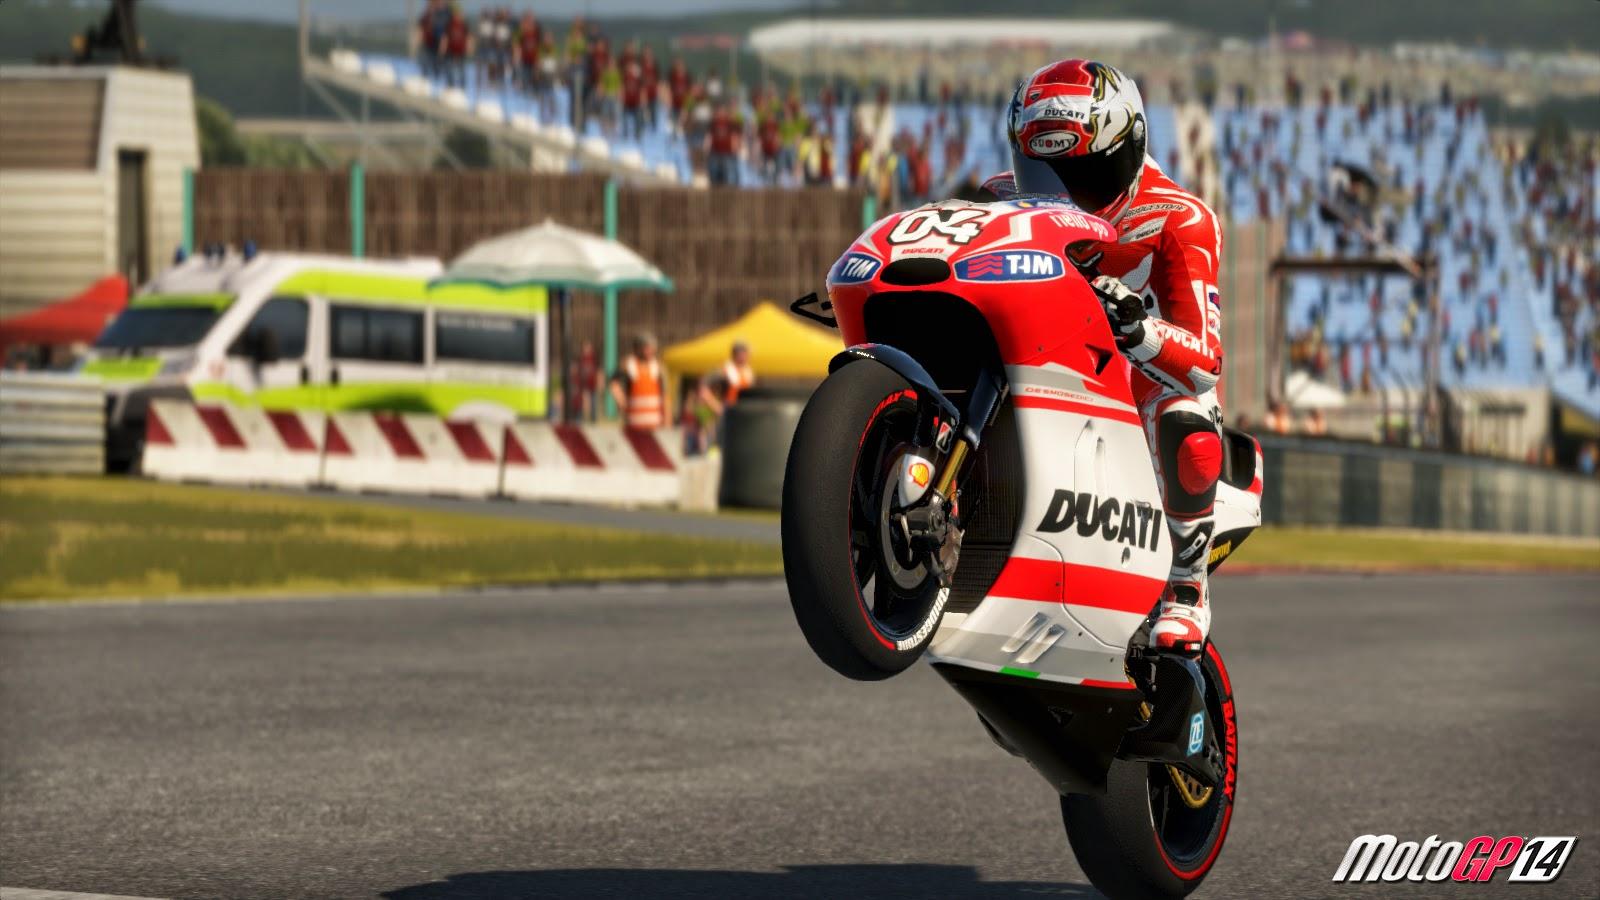 MotoGP game review